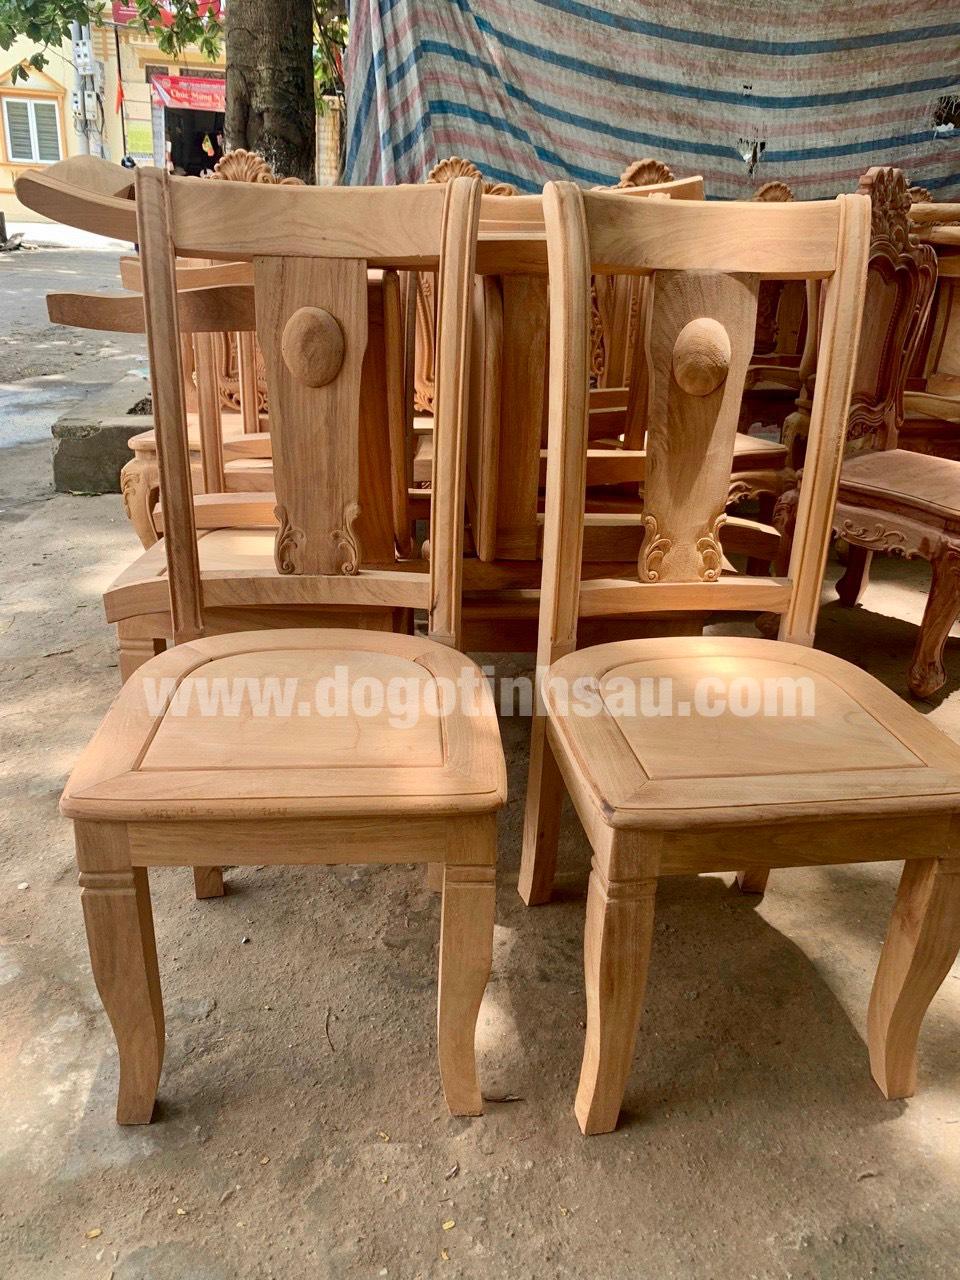 mau ghe an go go do 5 - 5 Lý do để mẫu bàn ghế ăn gỗ gõ đỏ ngày càng được ưa chuộng trên thị trường